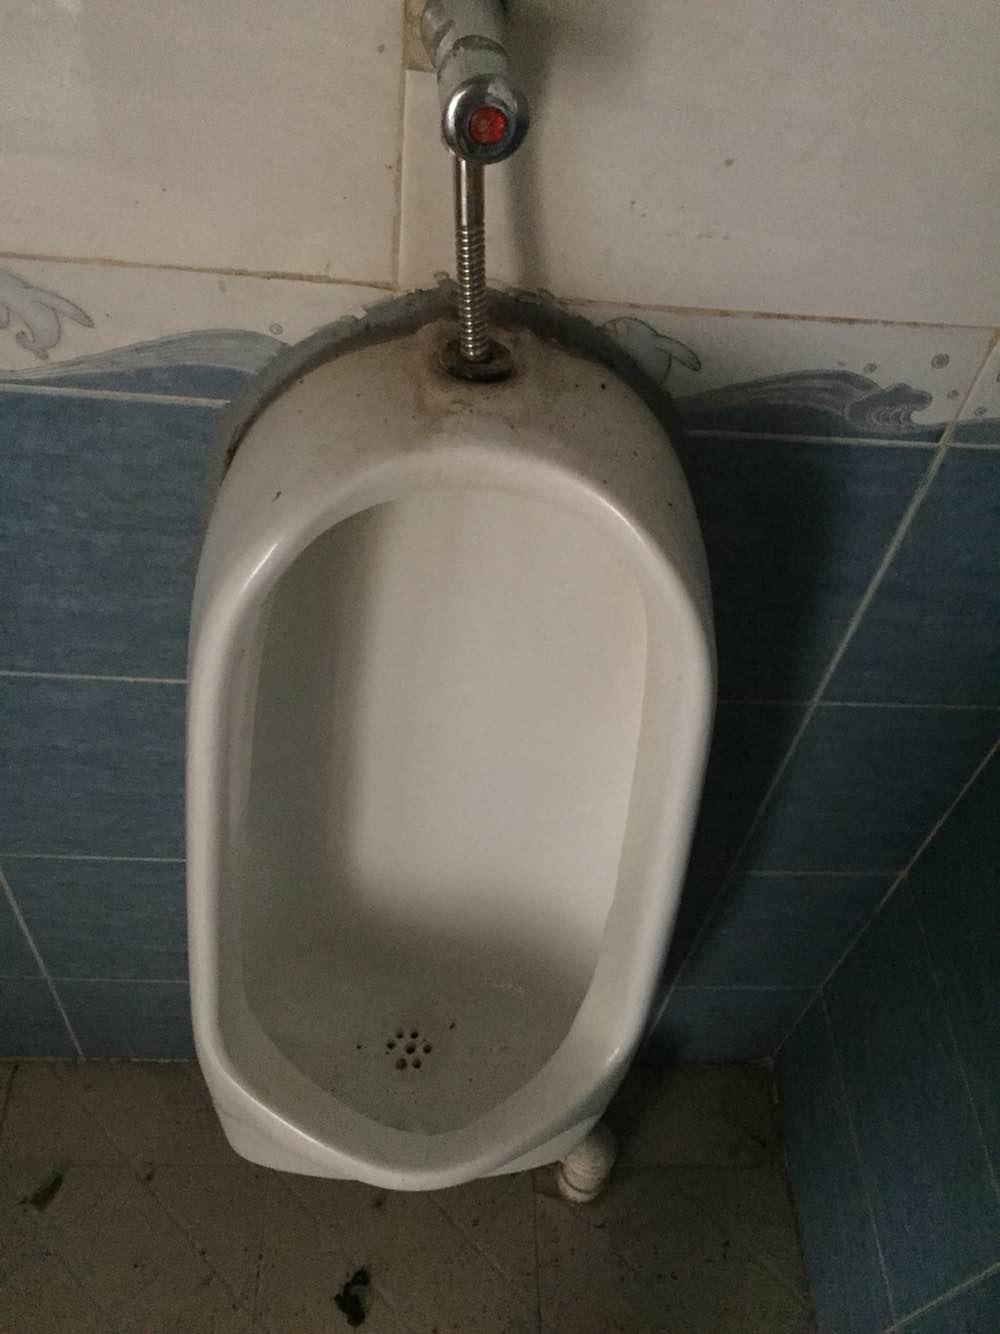 疏通厕所下水道,改管换厕所便盆,外墙维修水管,清洗外墙.拆排烟管!